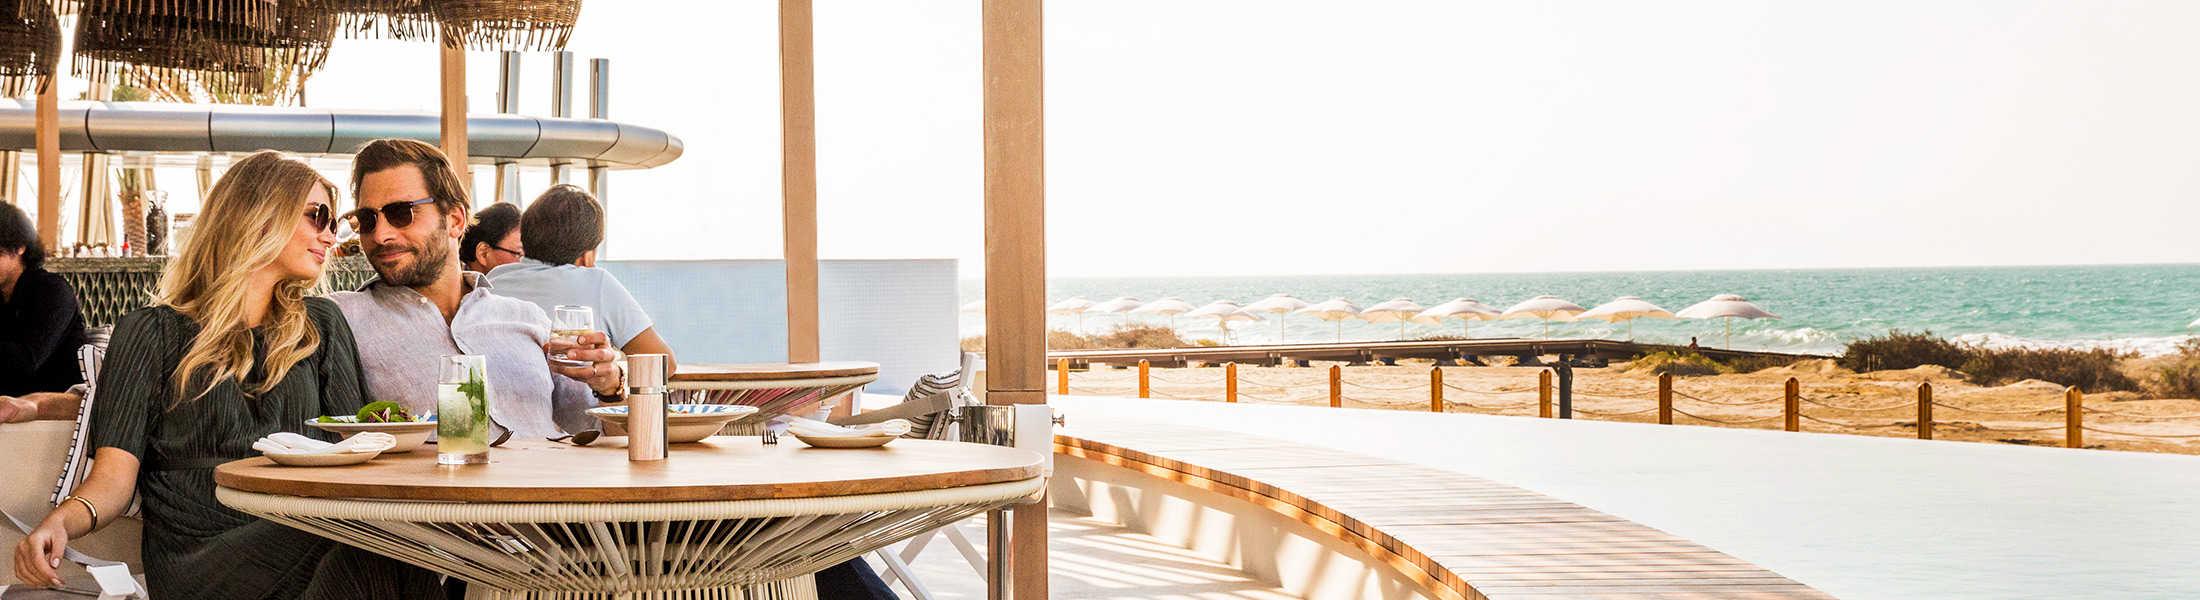 Couple at Mare Mare Restaurant at Sunset at Jumeirah at Saadiyat Island